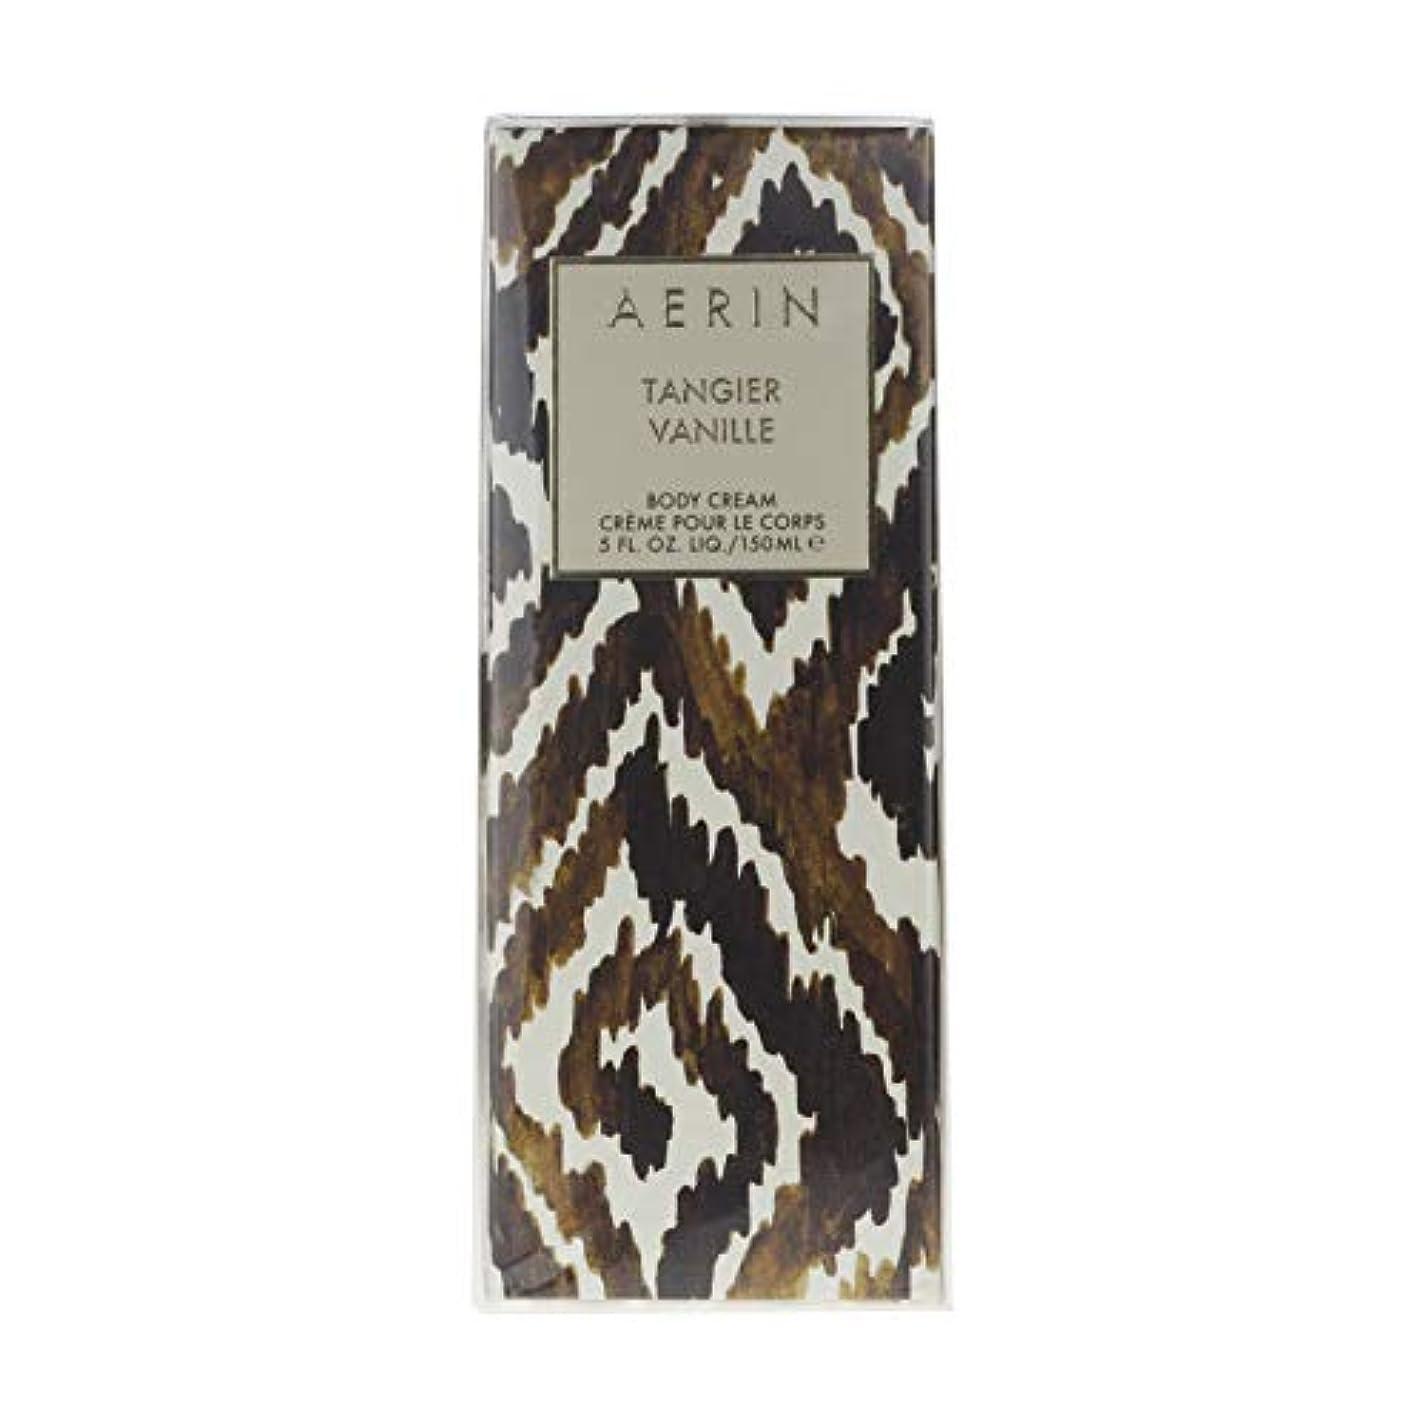 マウンド目的取るに足らないAERIN Tangier Vanille (アエリン タンジヤー バニール) 5.0 oz (150ml) Body Cream by Estee Lauder for Women